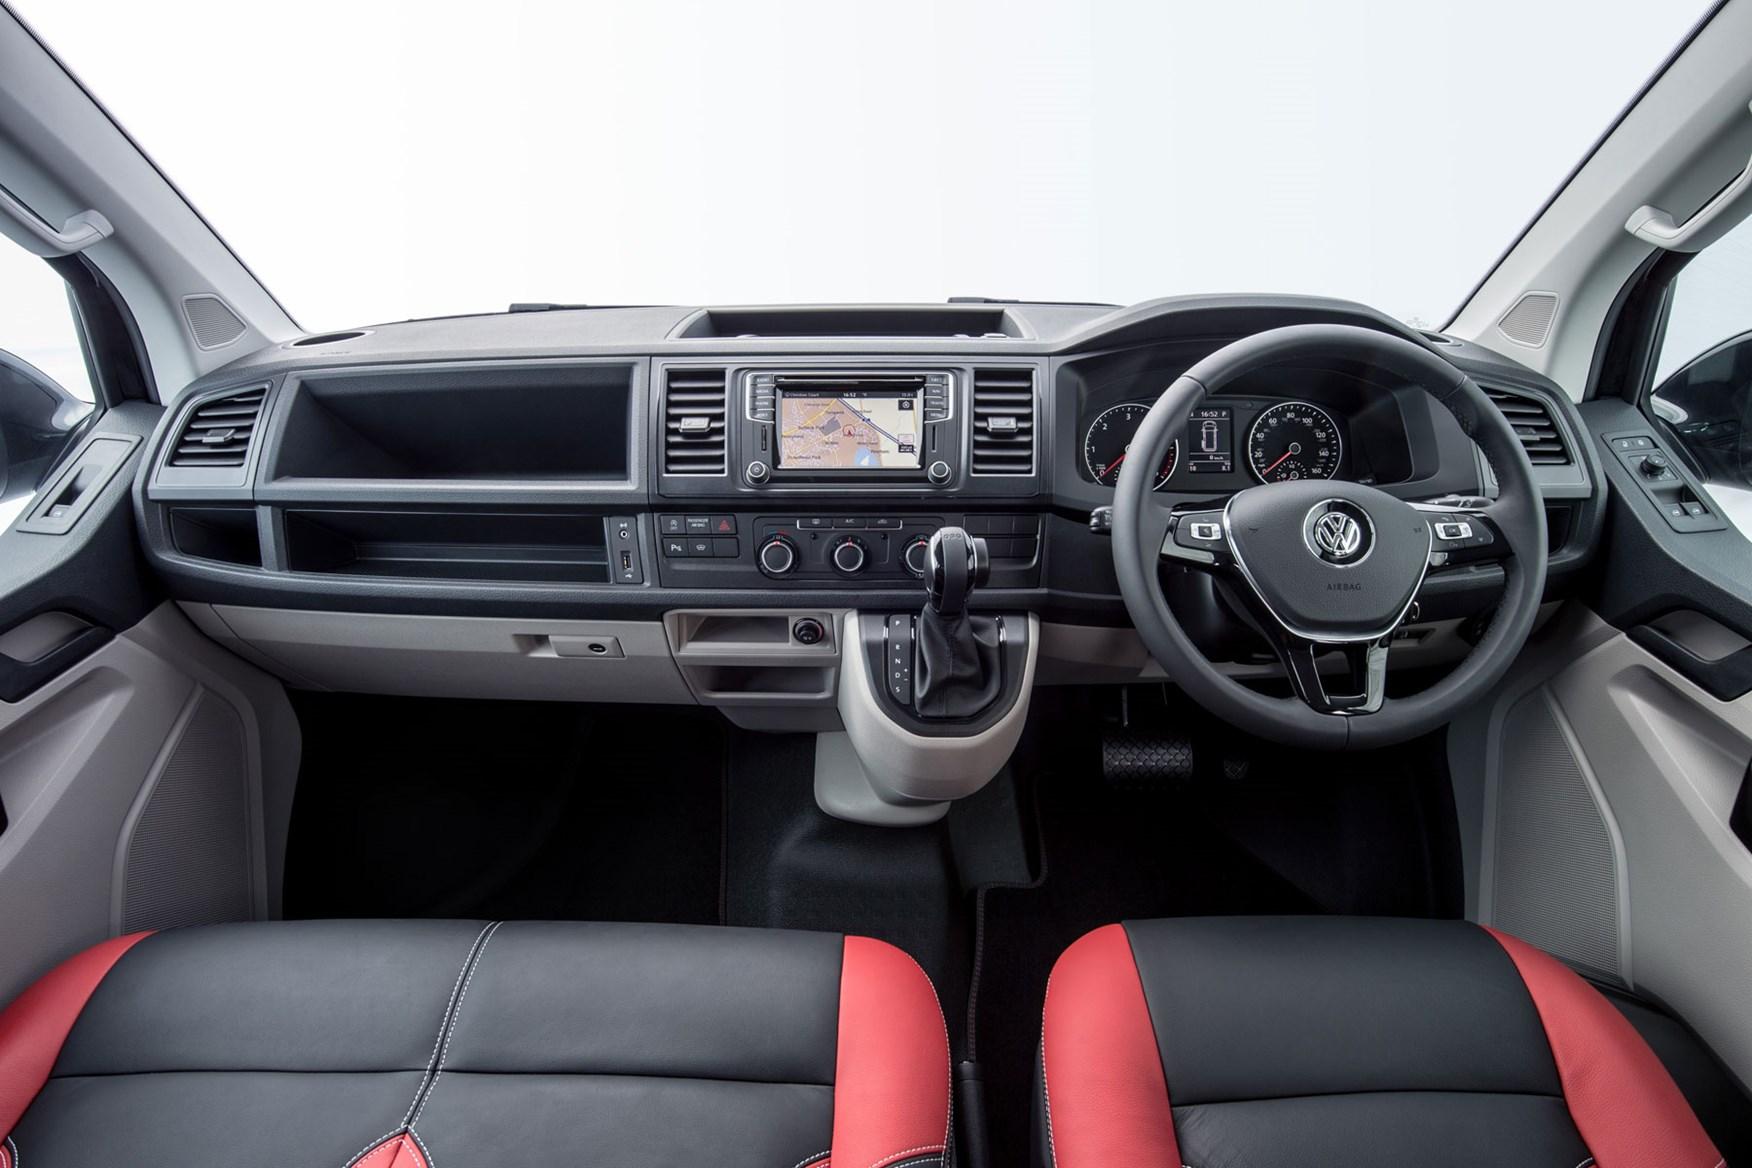 Volkswagen Transporter van review (2015-on) | Parkers